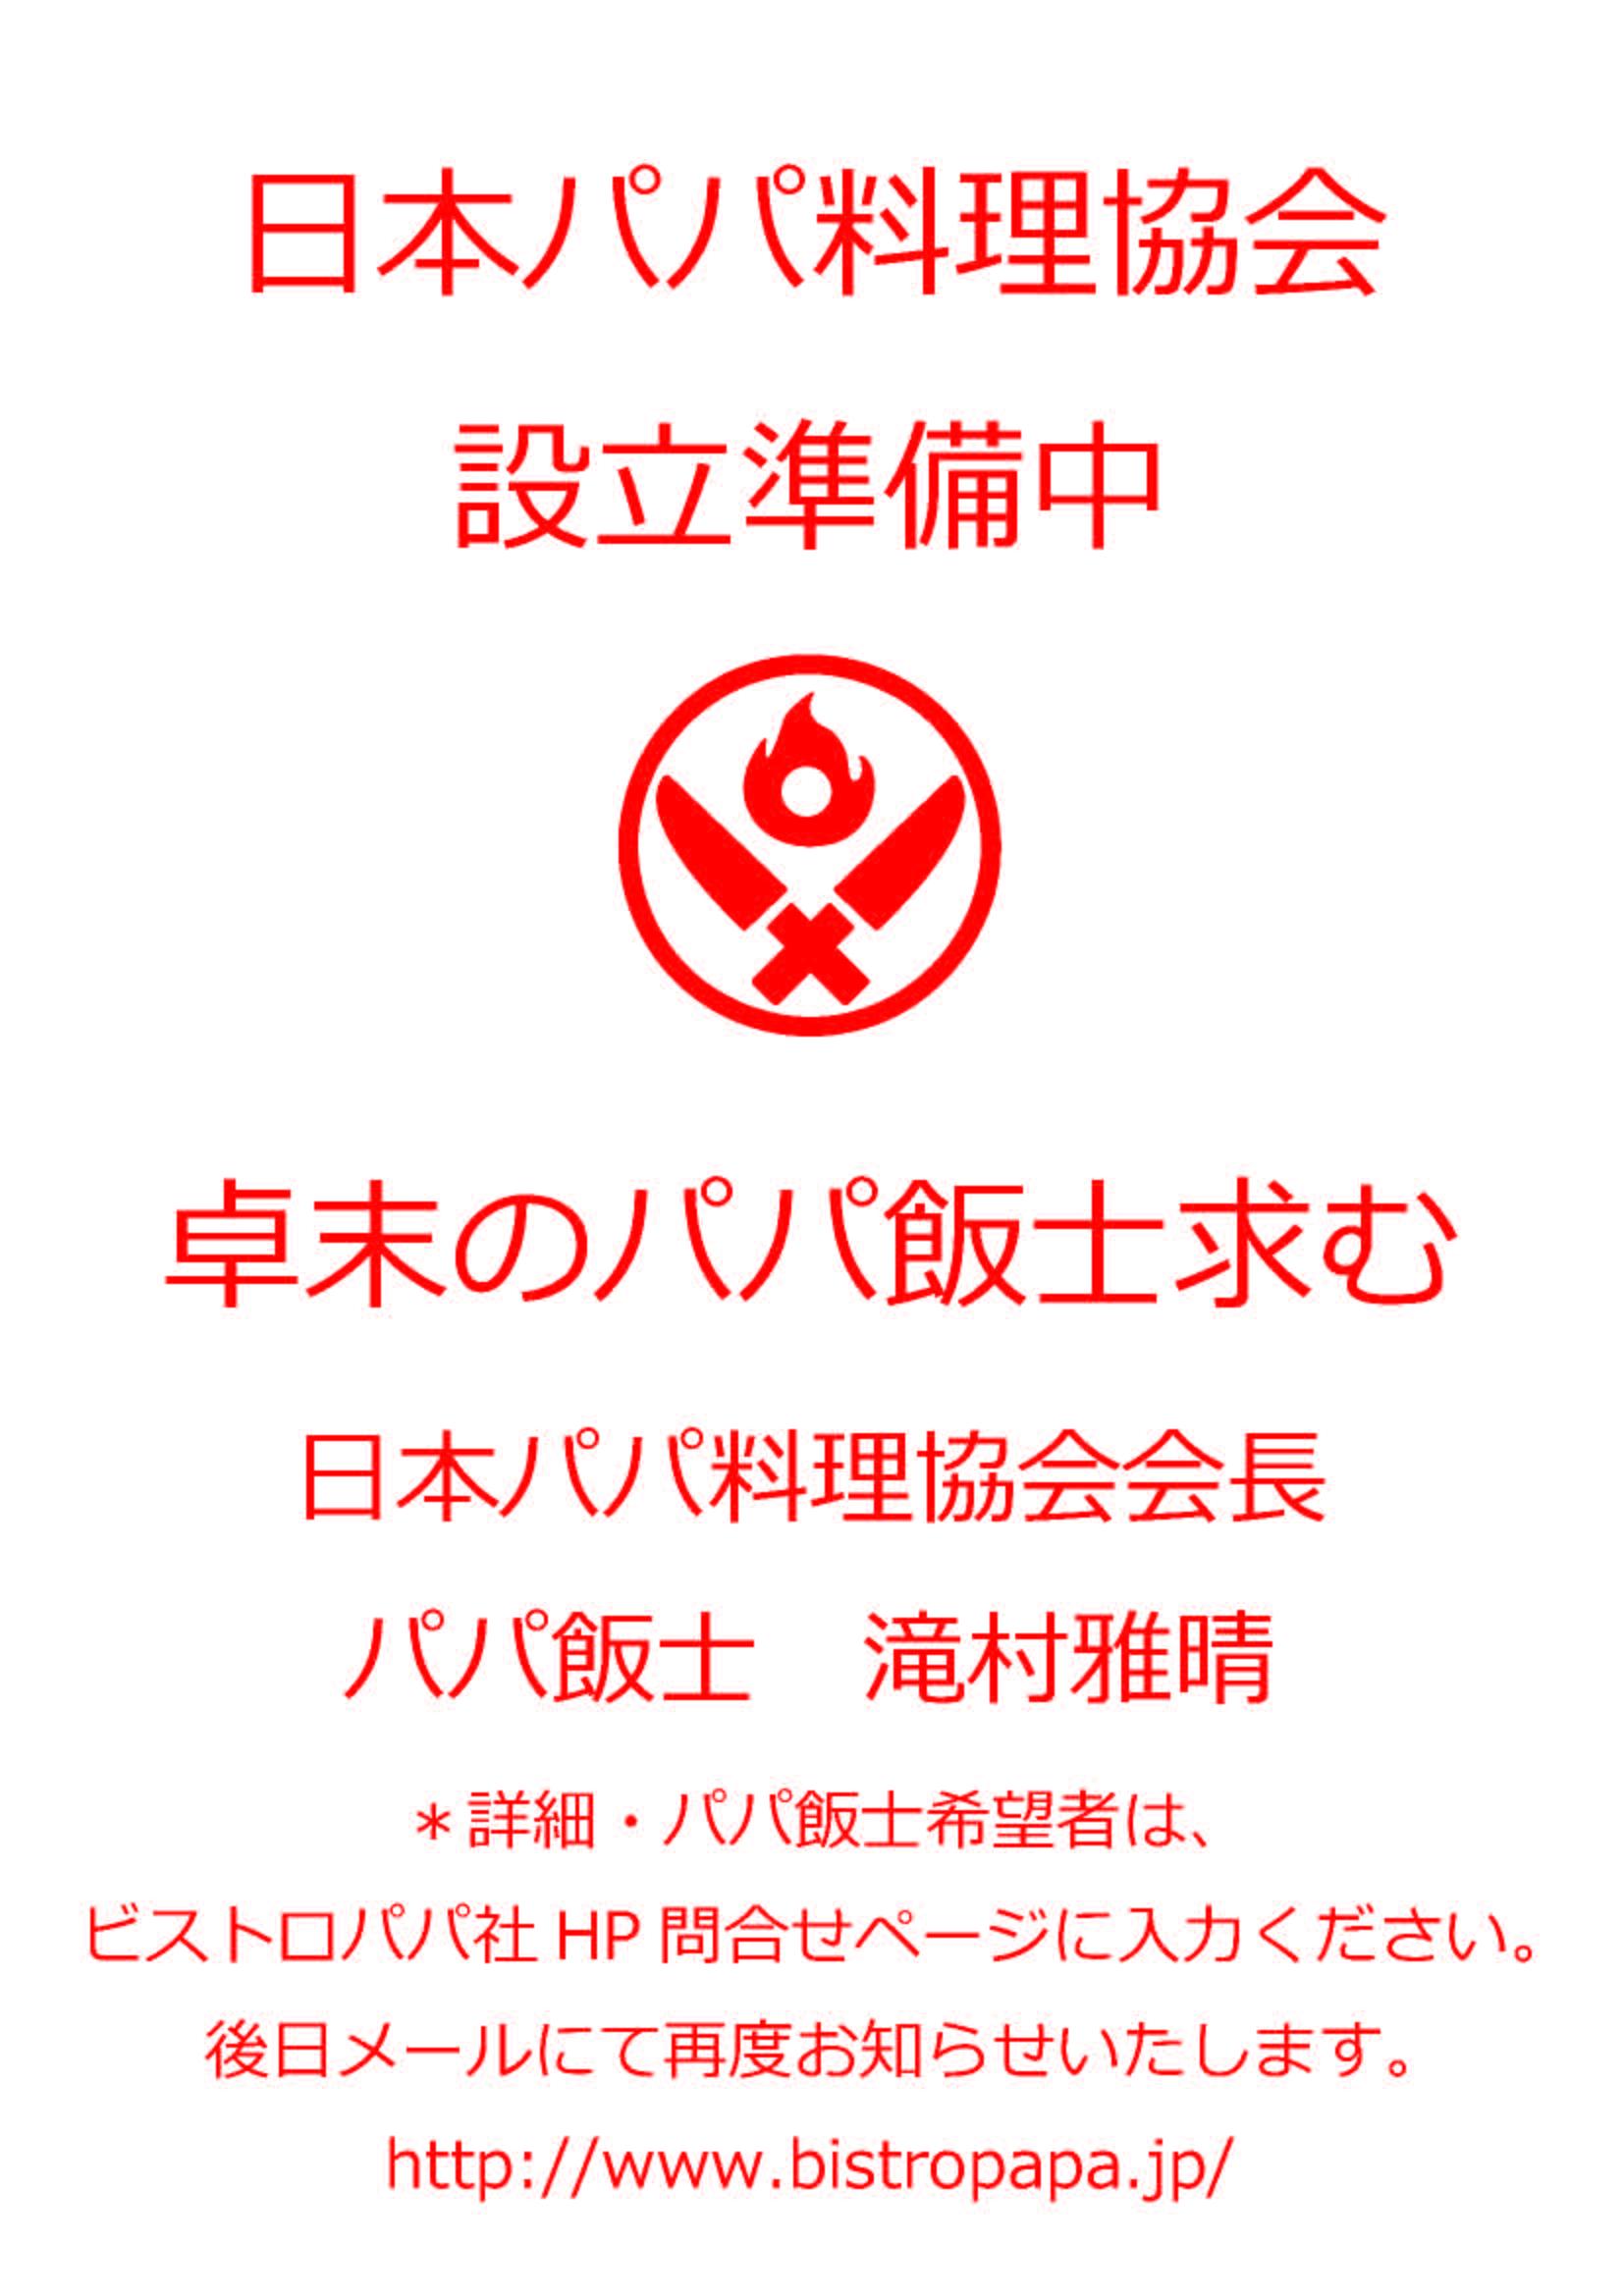 パパ料理協会ロゴ2